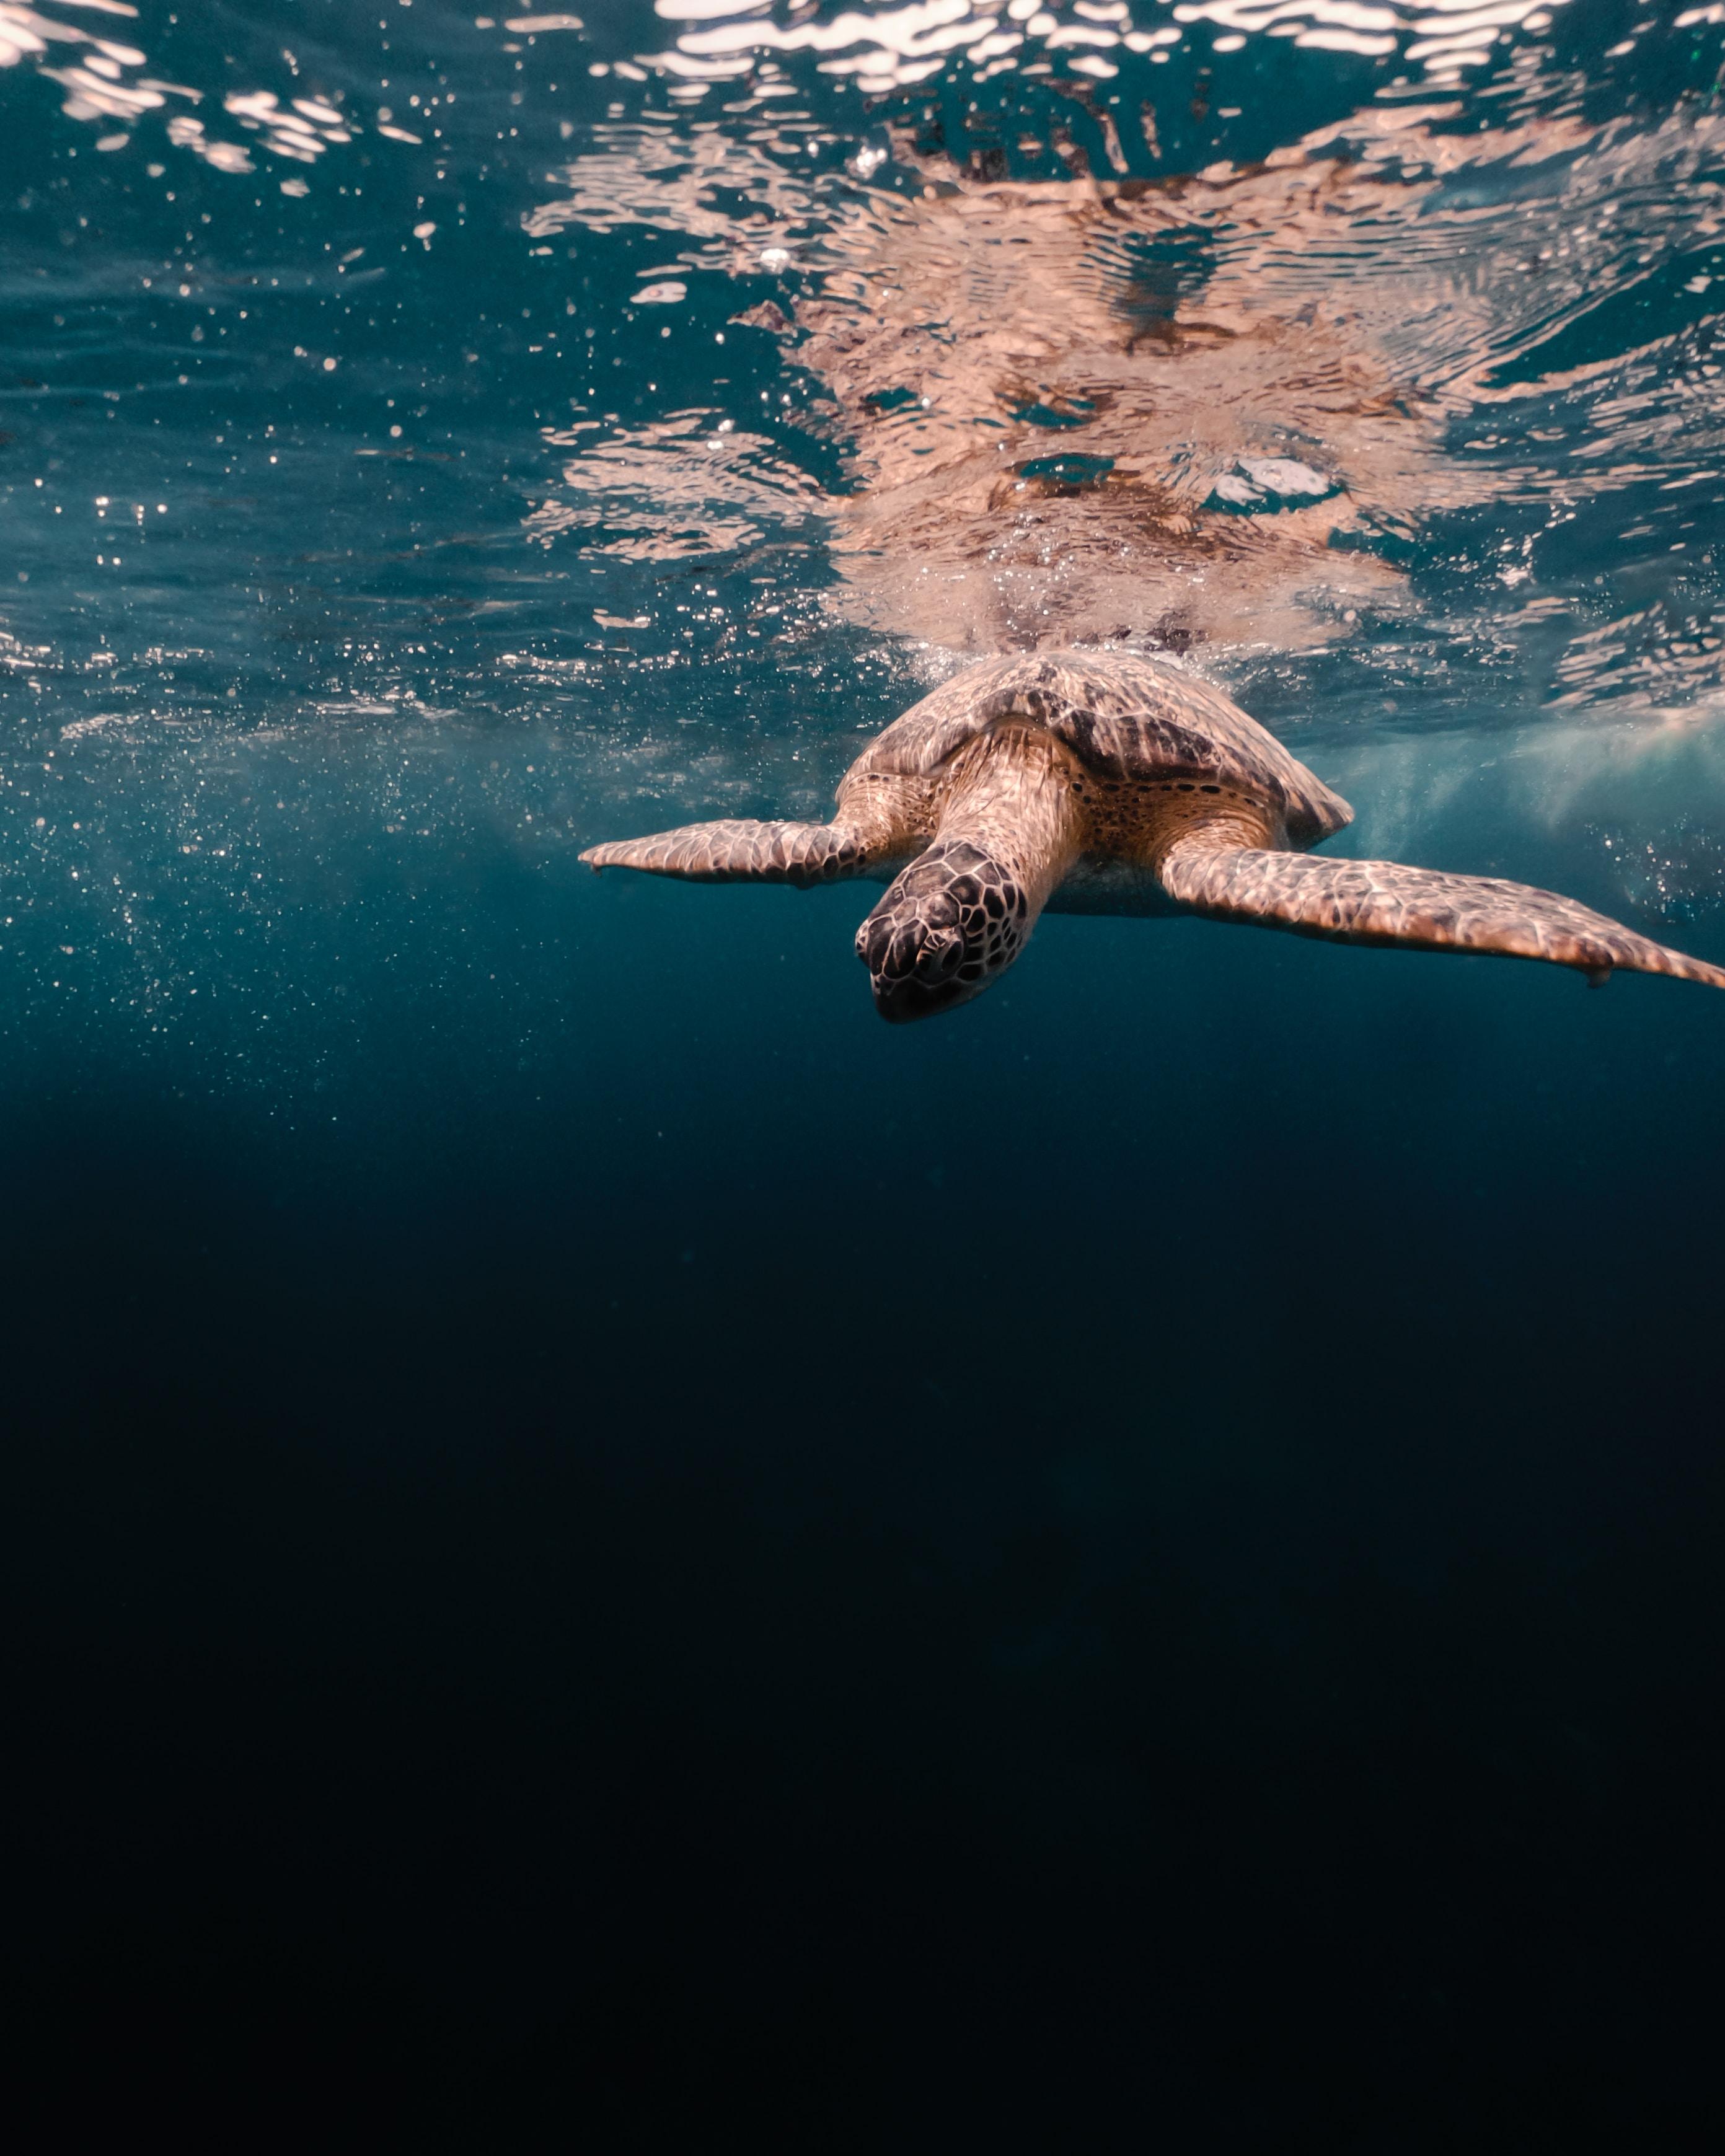 107699 Hintergrundbild herunterladen Tiere, Wasser, Sea, Unterwasserwelt, Schildkröte - Bildschirmschoner und Bilder kostenlos